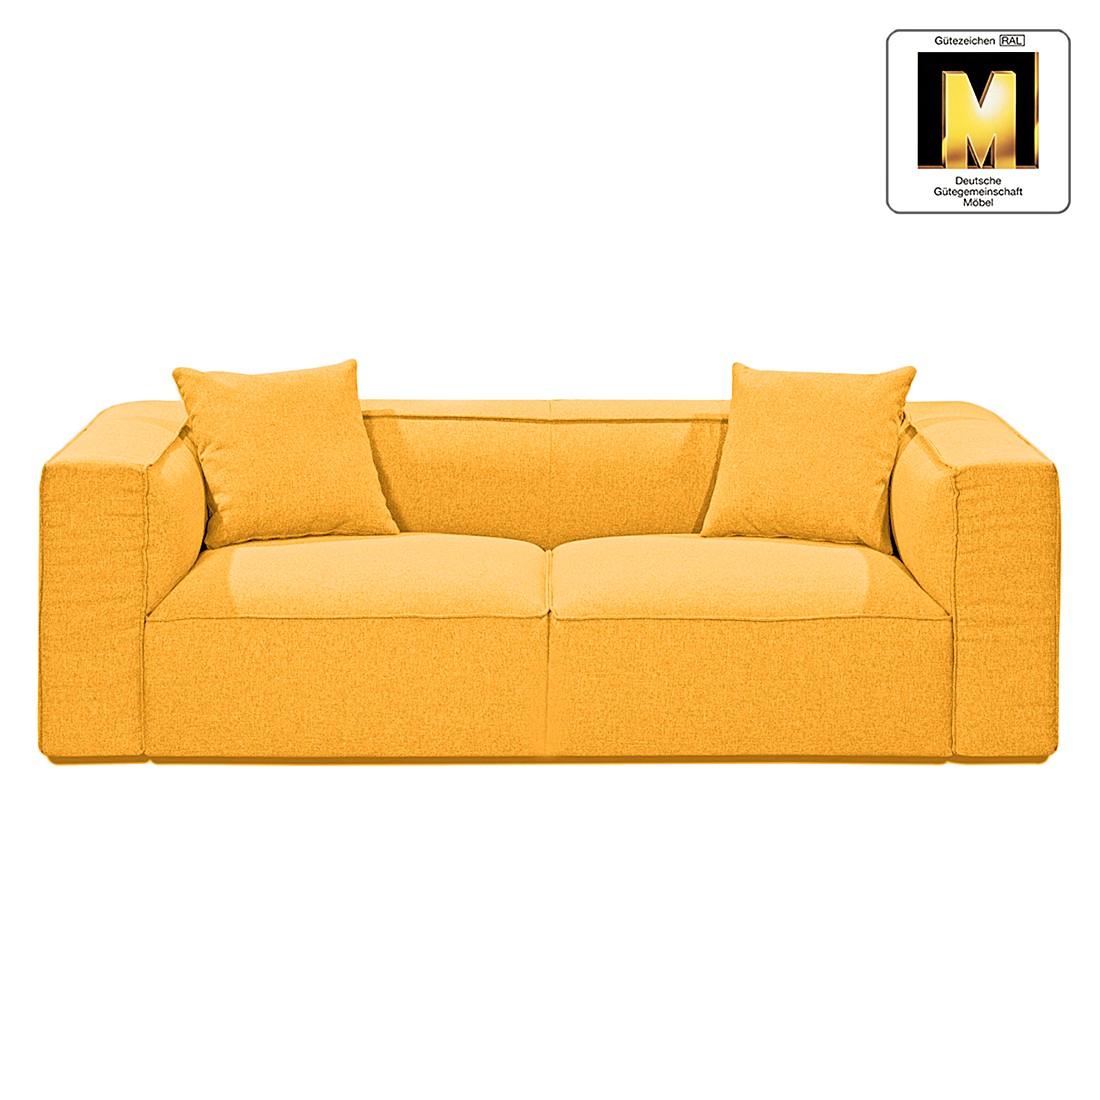 Sofa Casual Line VIII (3-Sitzer) – Strukturstoff Gelb, Claas Claasen günstig online kaufen